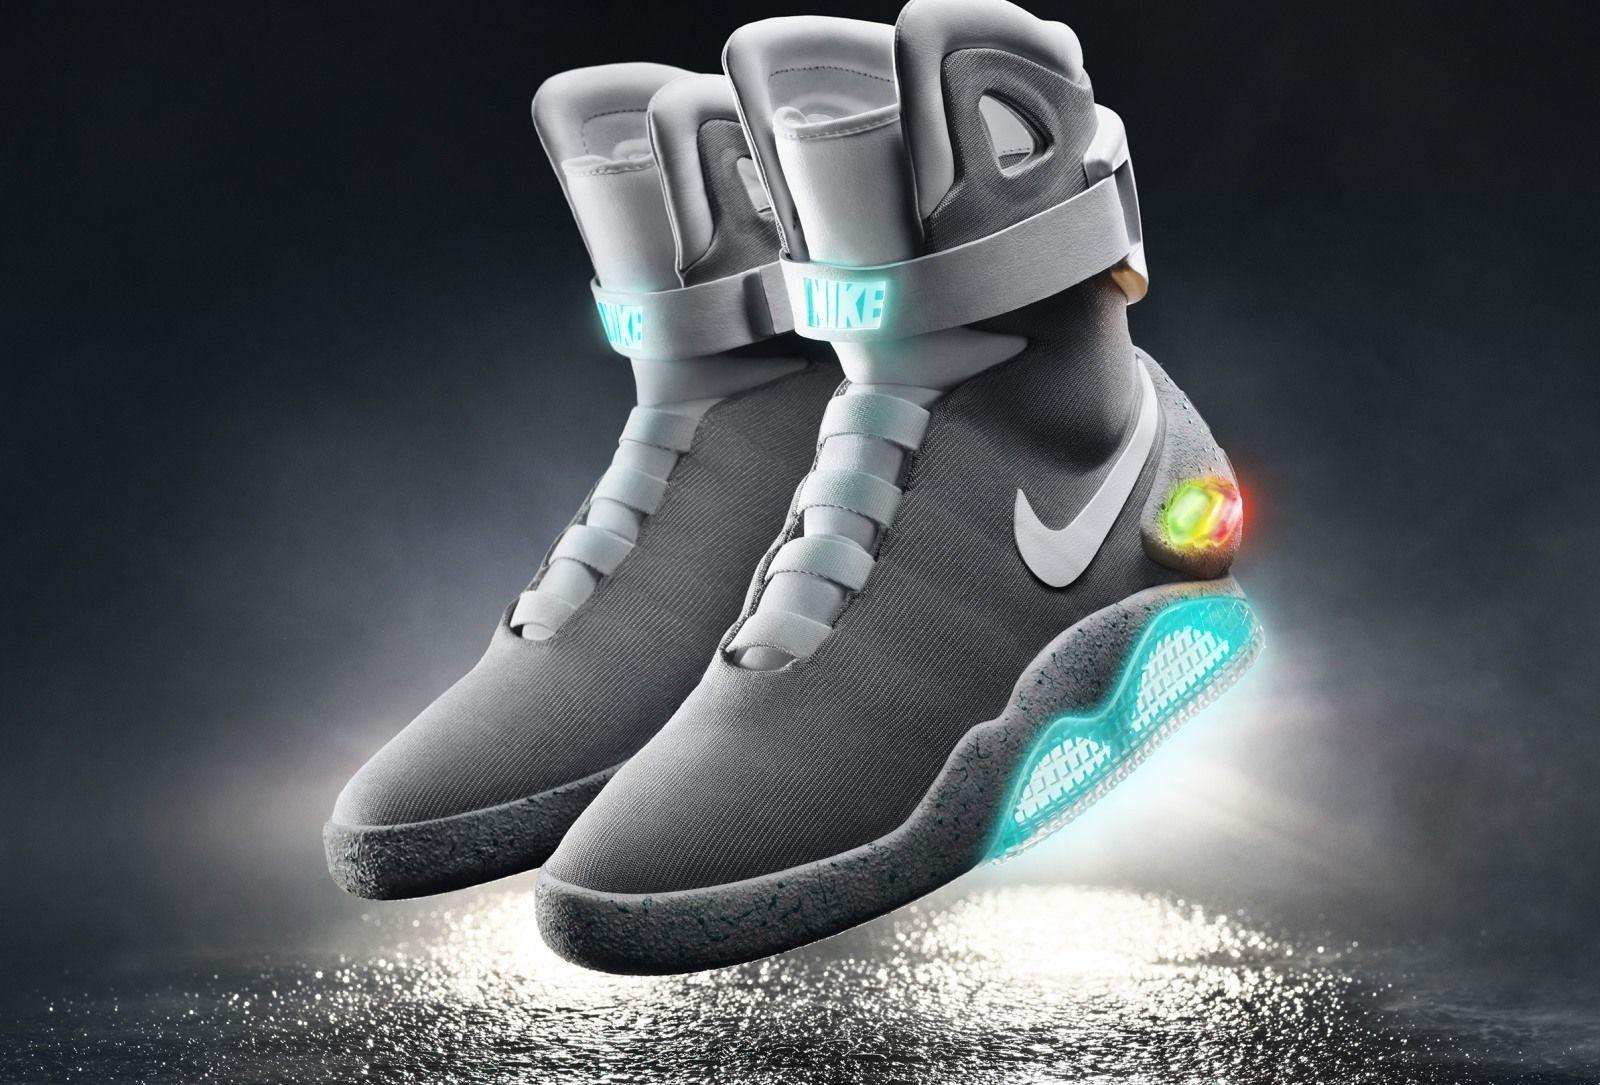 d5e3e5ddbda De zelfstrikkende sneaker uit 'Back tot he Future' verschijnt in 2019 op de  markt